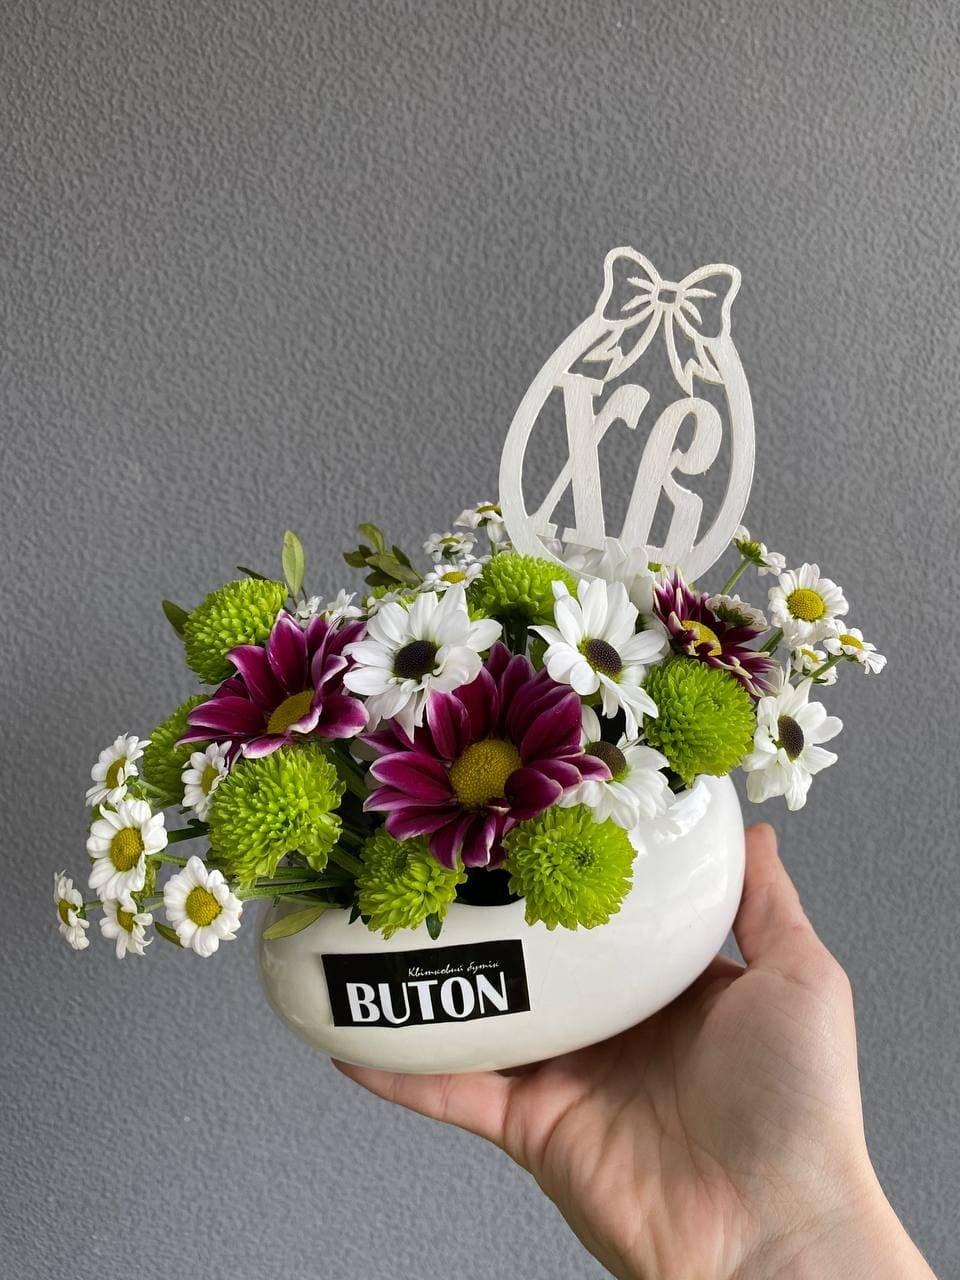 Оригінальний декор та незвичайні квіткові композиції до Великодня від студії «Конфетті» та квіткової лавки «BUTON» у Лозовій, фото-9